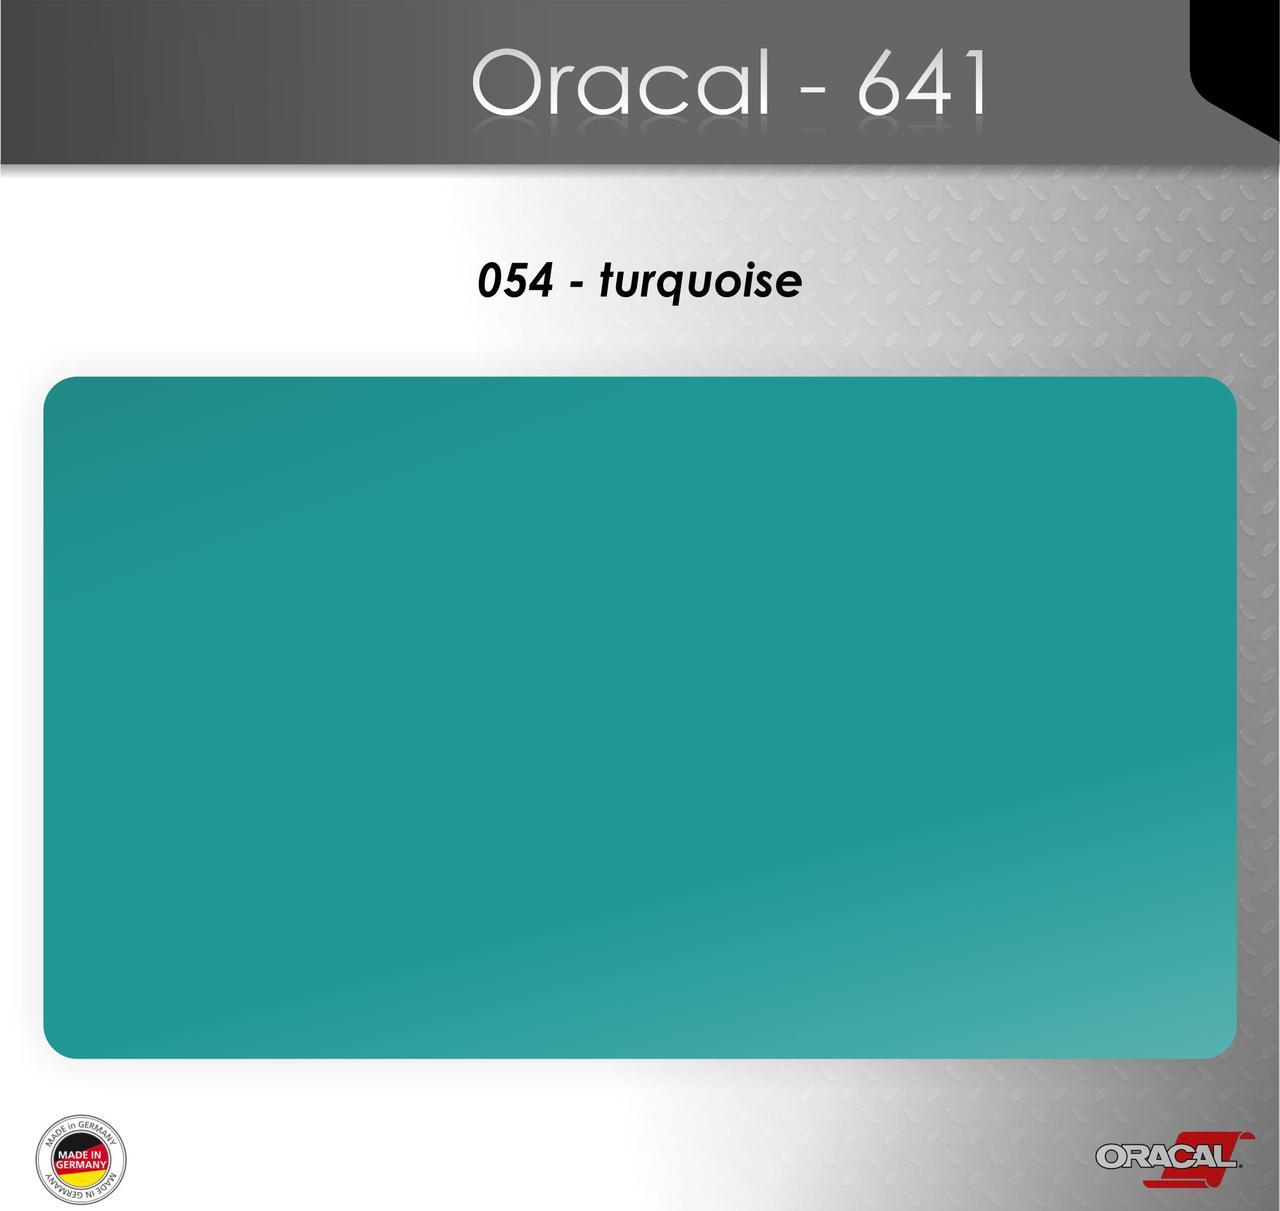 Пленка Оракал 641/бирюзовый (054)